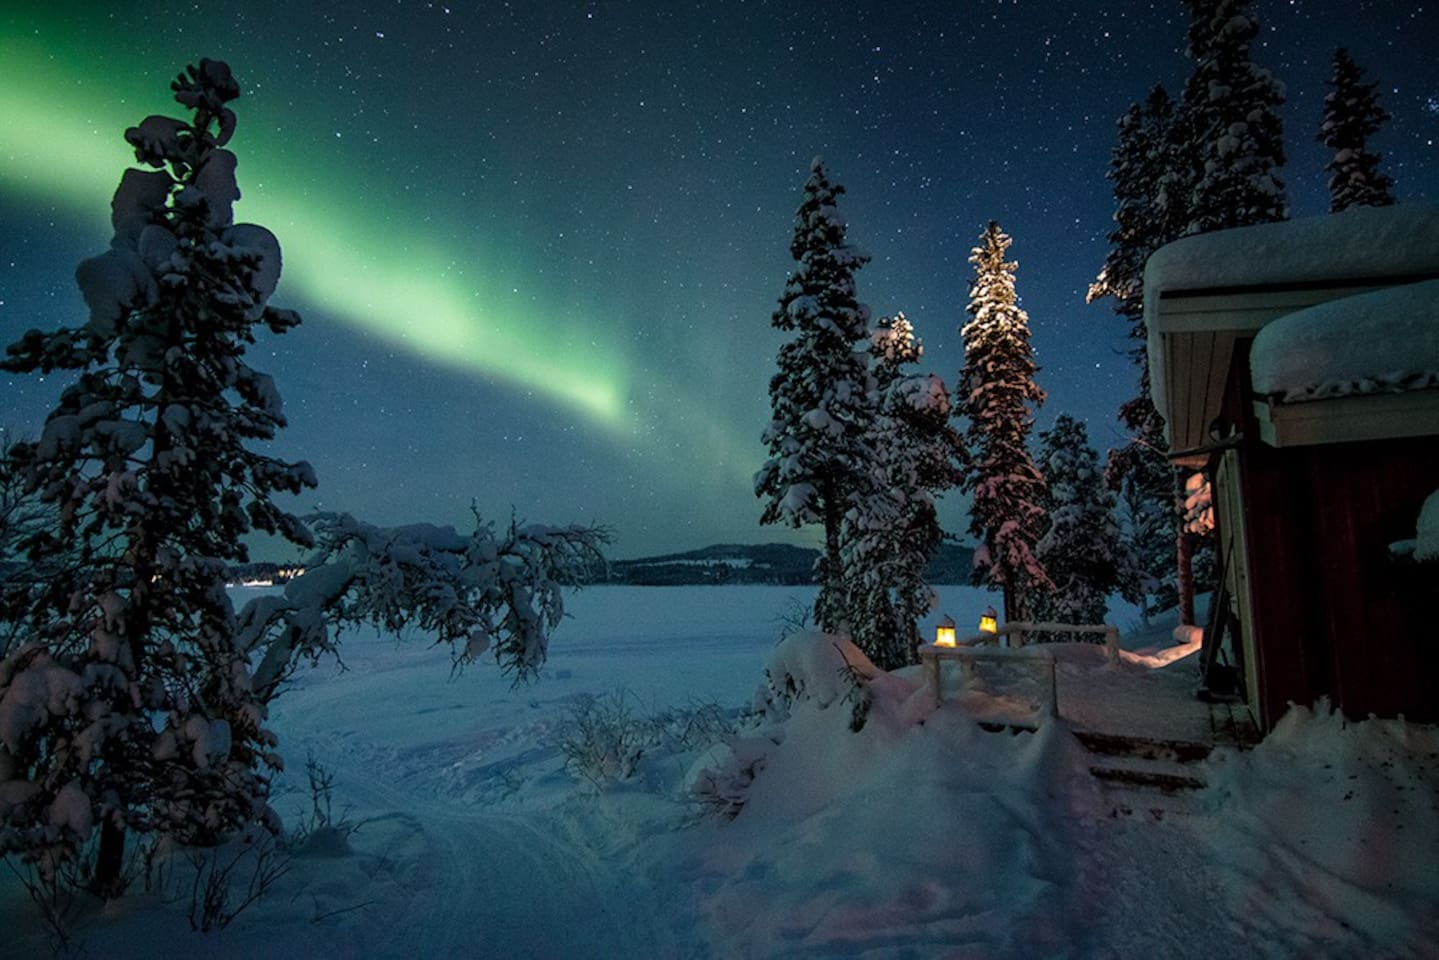 Arctic Light Suite during winter overlooking the frozen Torne River